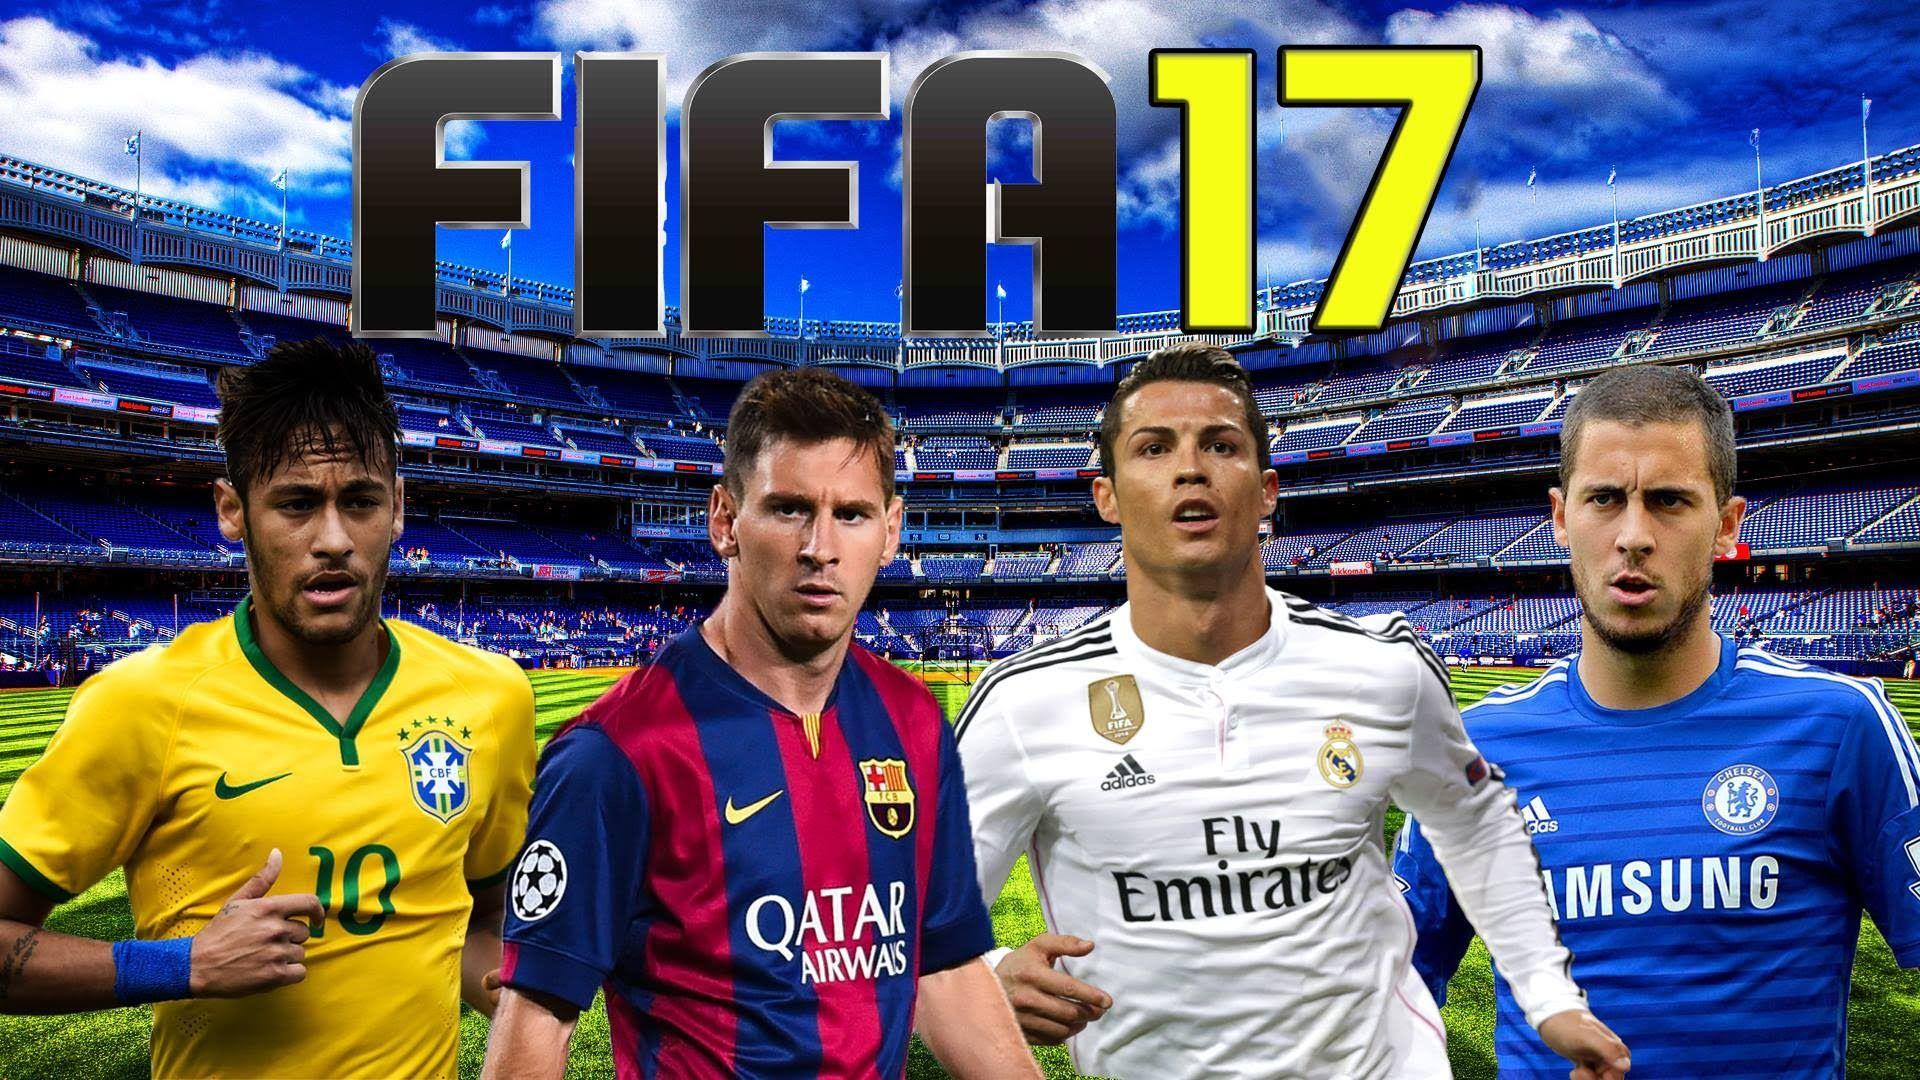 Скачать игру fifa 17 полная версия.